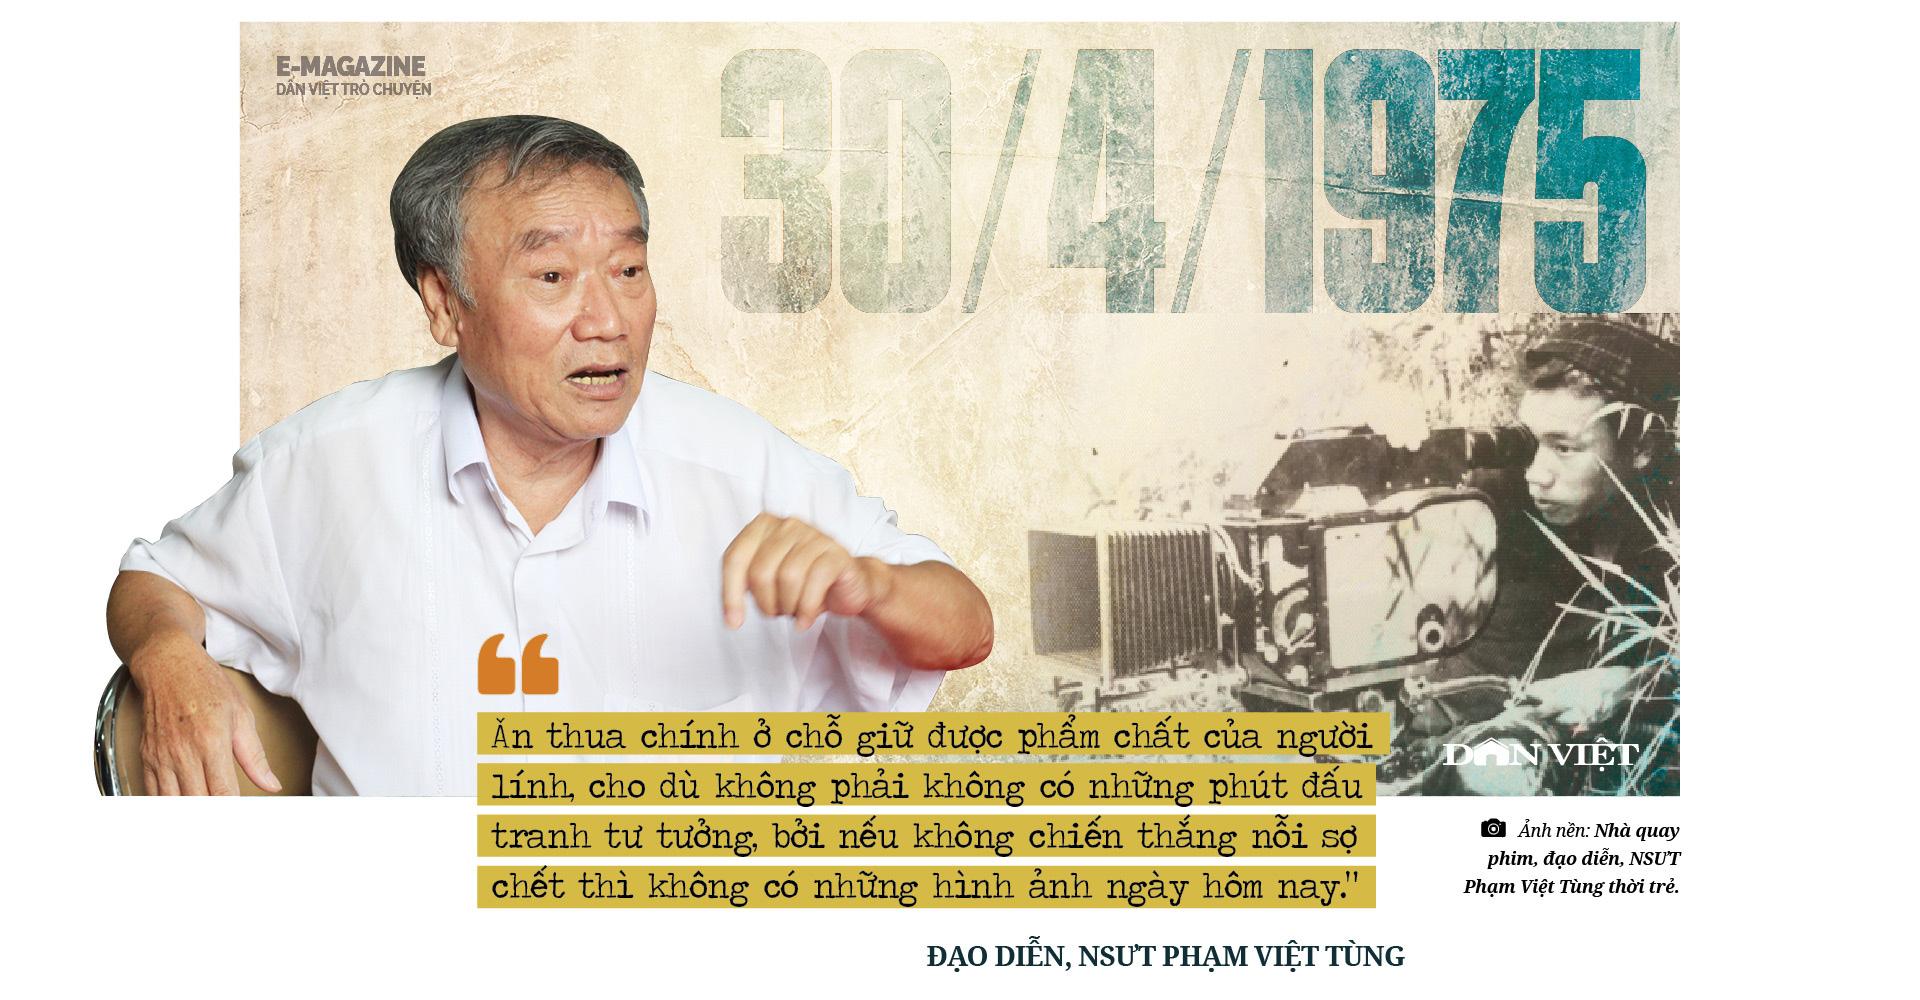 """Đạo diễn, NSƯT Phạm Việt Tùng: """"Có những sự thật 30/4/1975 cần làm sáng tỏ để không phải xấu hổ trước lịch sử""""  - Ảnh 12."""